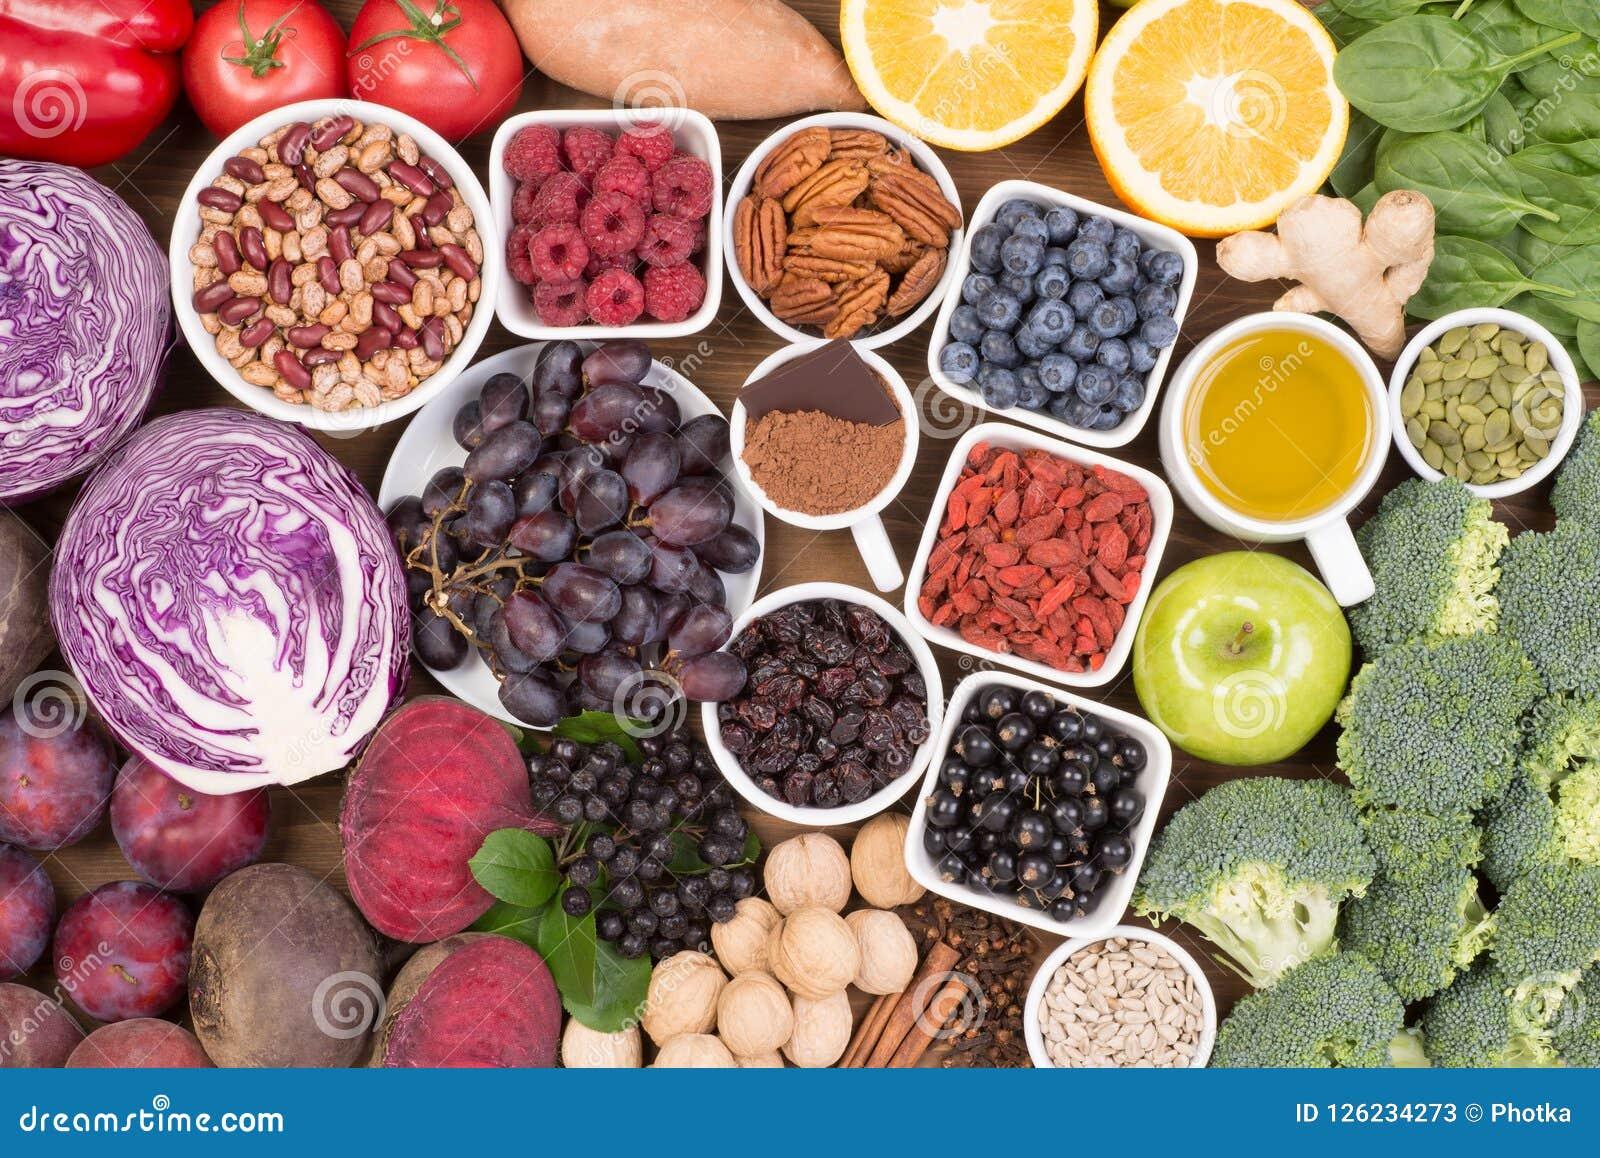 Fontes do alimento de antioxidantes naturais tais como frutos, vegetais, porcas e pó de cacau